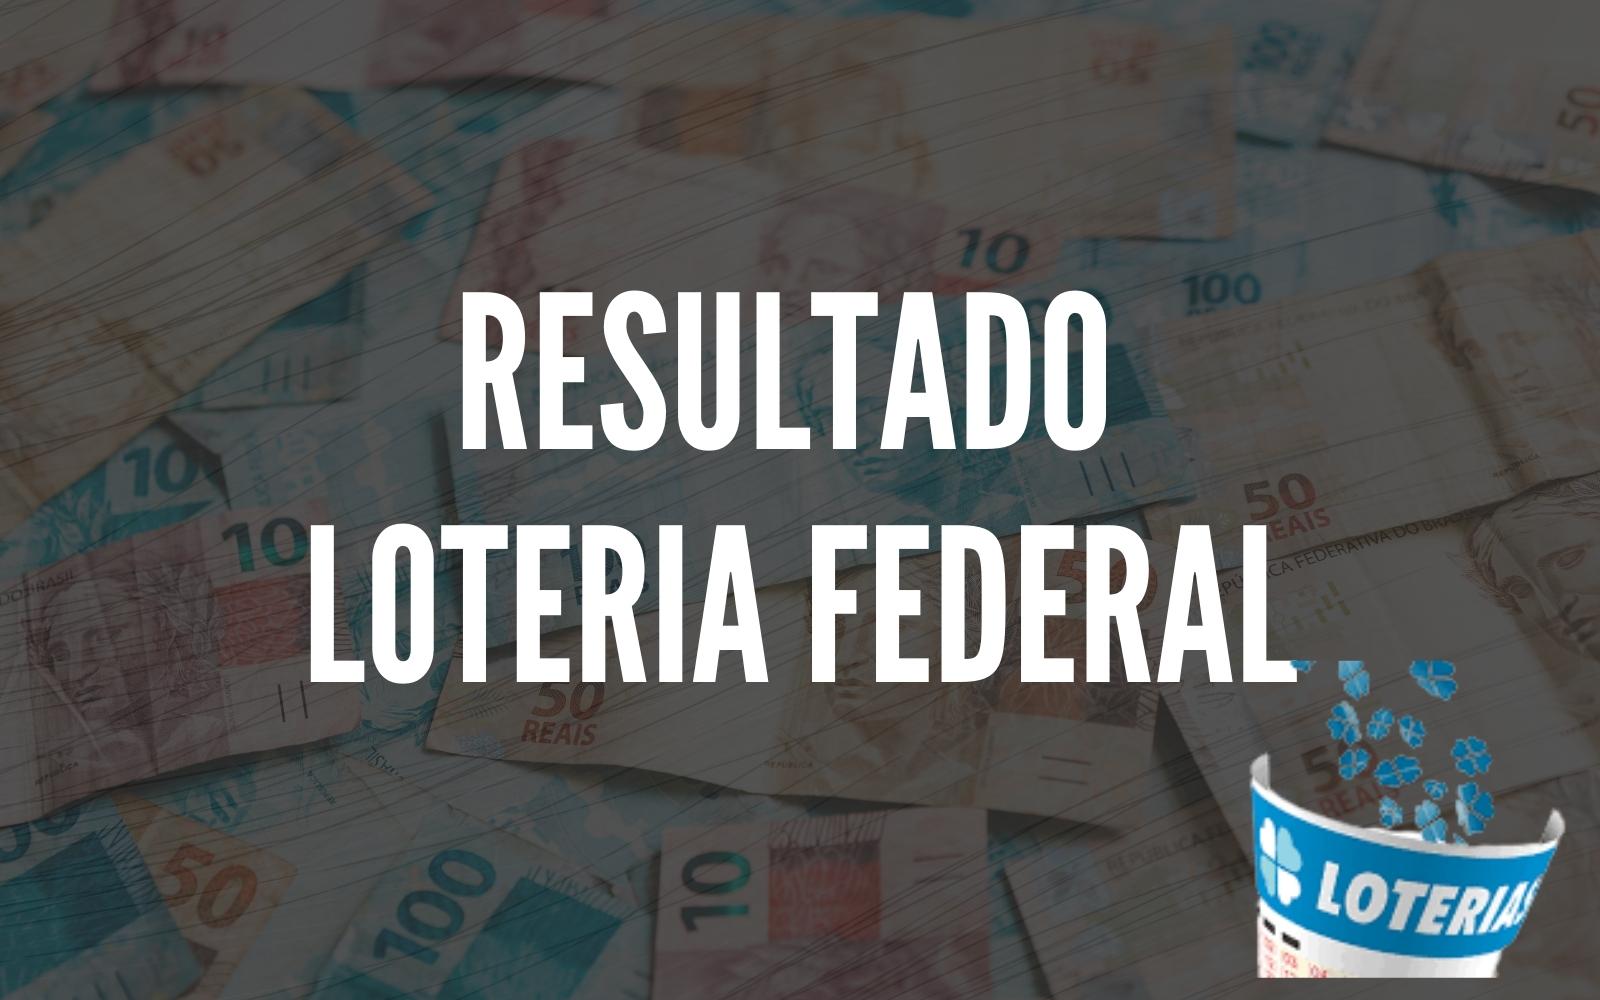 Resultado Loteria Federal 5599 de hoje, quarta-feira (22/9/21)